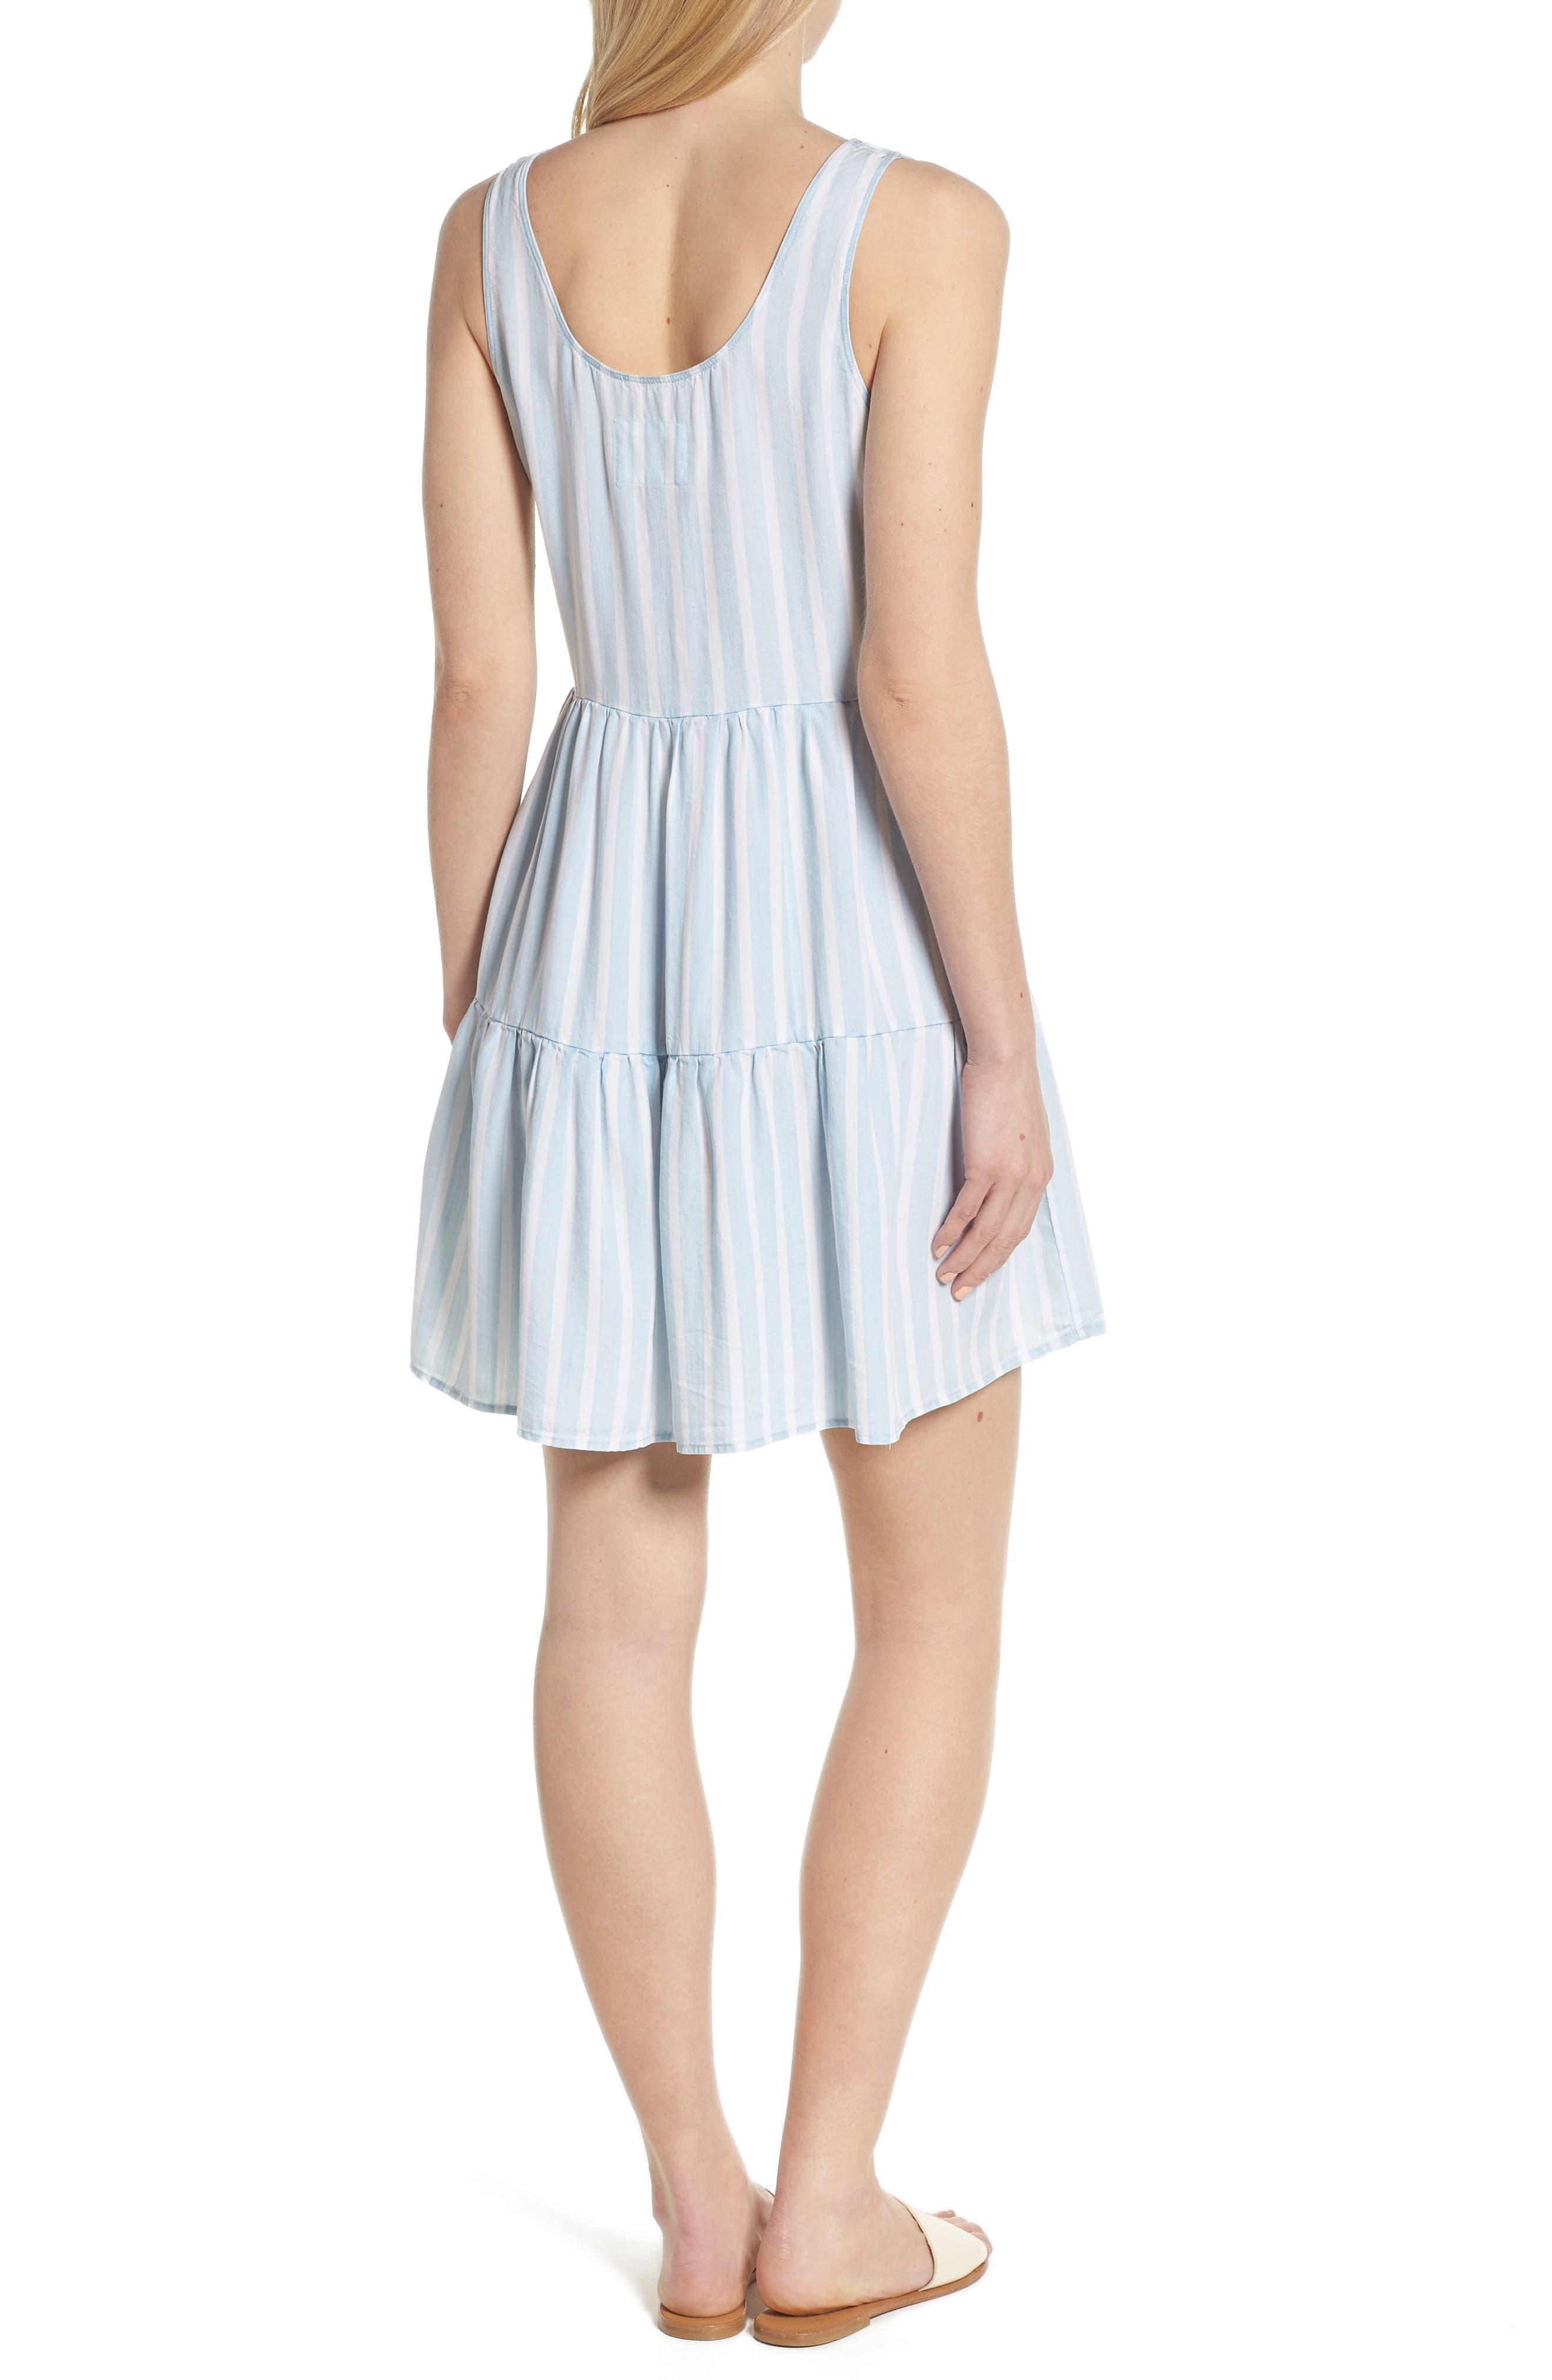 Nora Stripe Dress,                             Alternate thumbnail 2, color,                             Hampshire Stripe